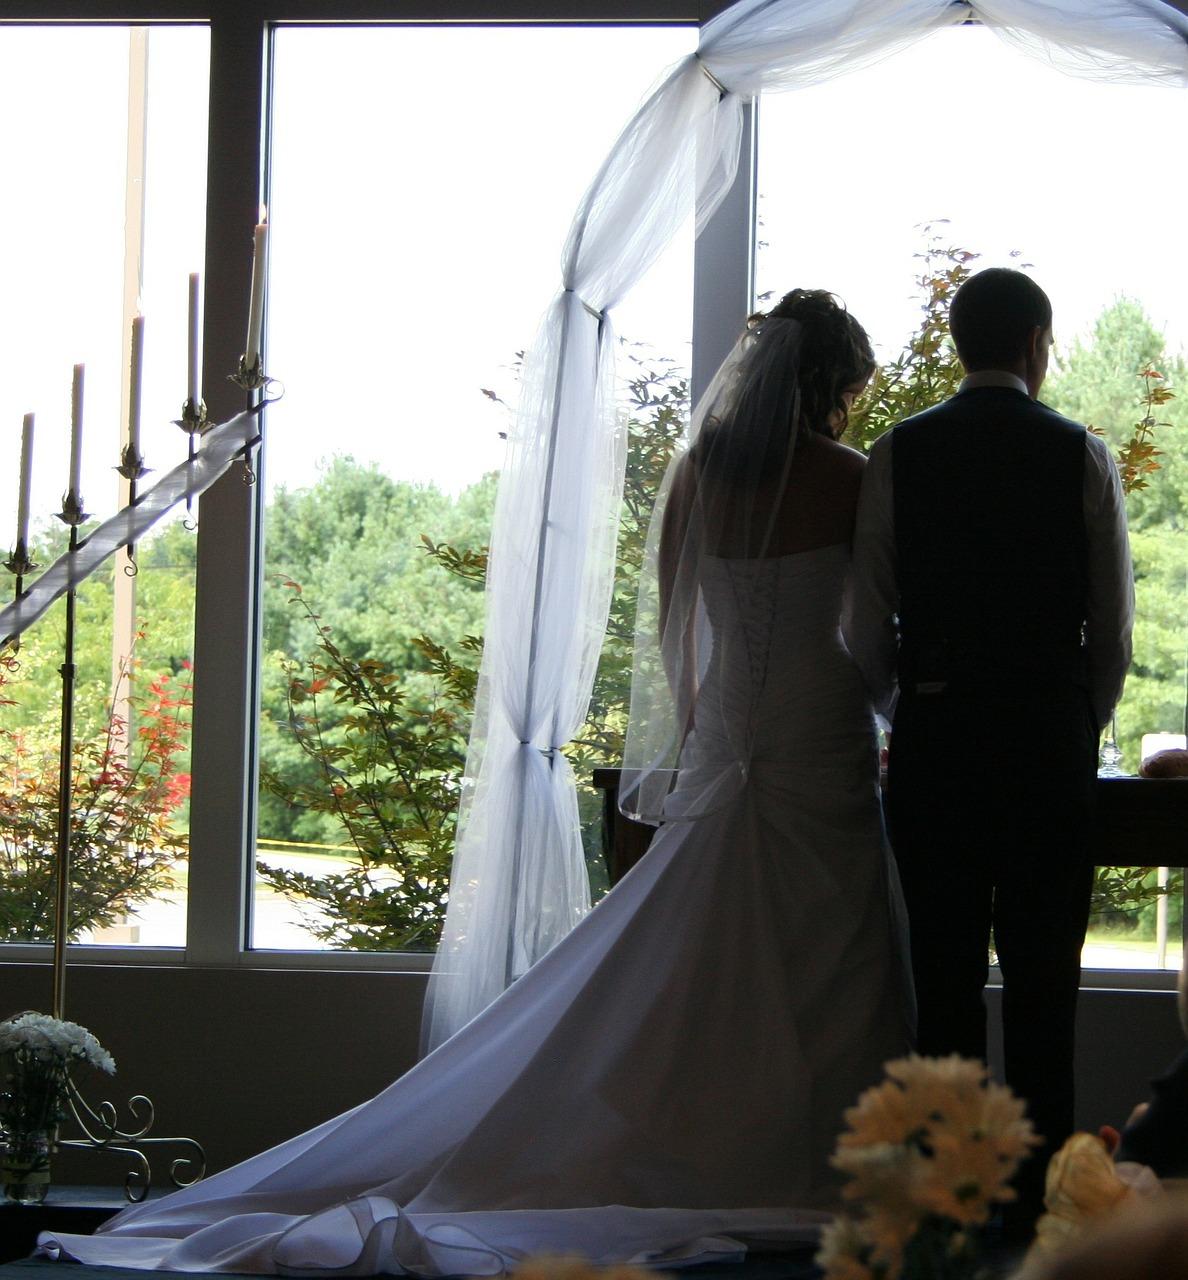 Vows wedding-54332_1280